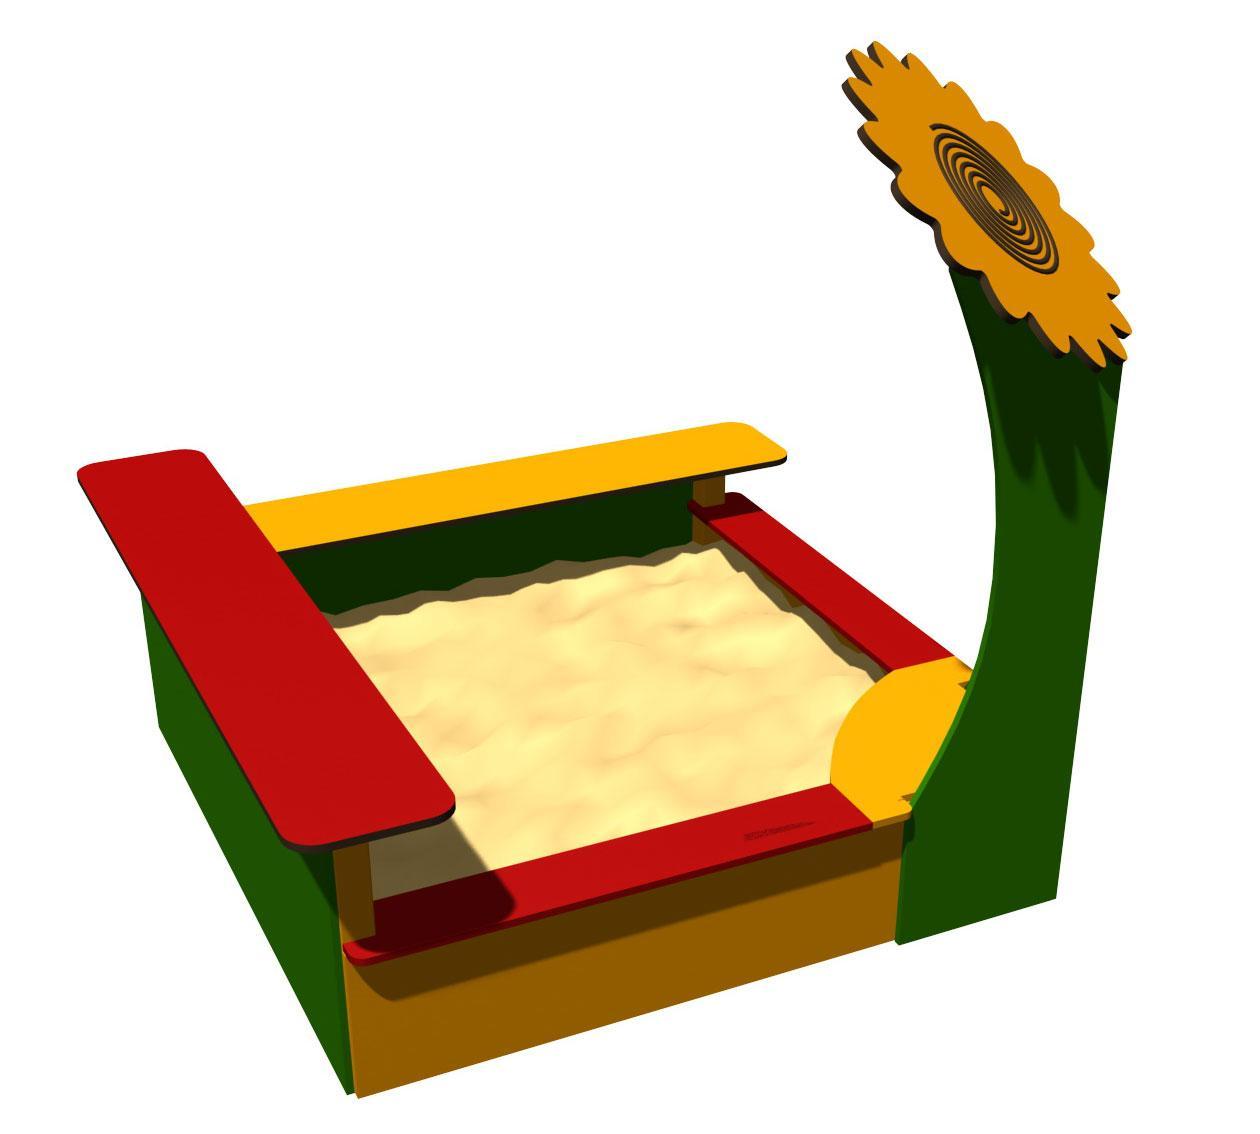 Песочница Romana, с сидениями, в виде подсолнуха